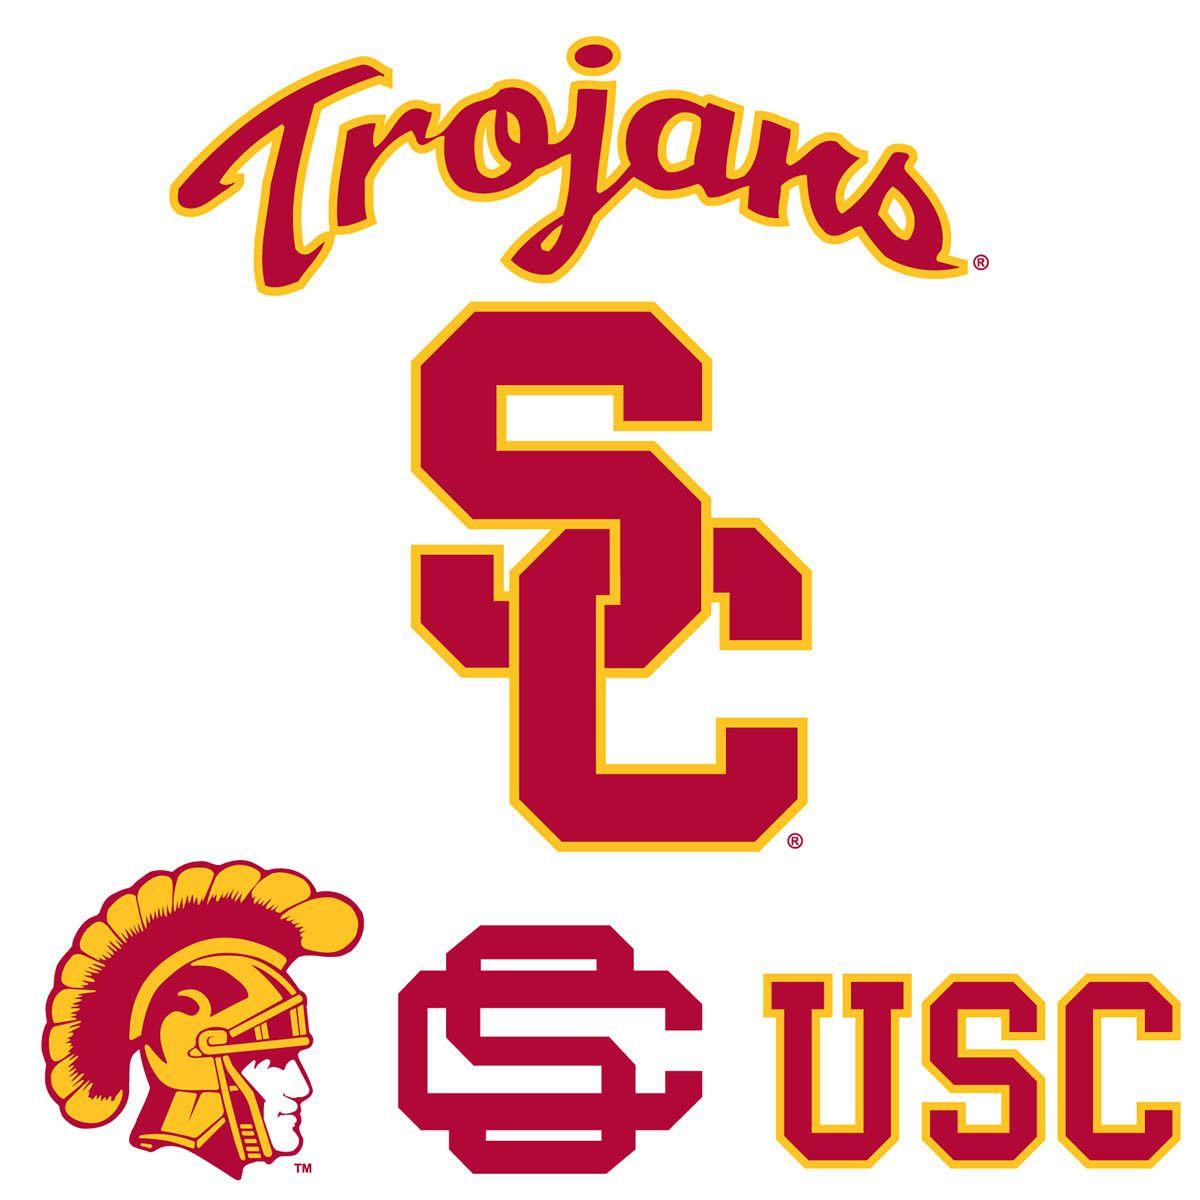 Usc Logo Peel Usc Trojans Usc Trojans Logo Usc